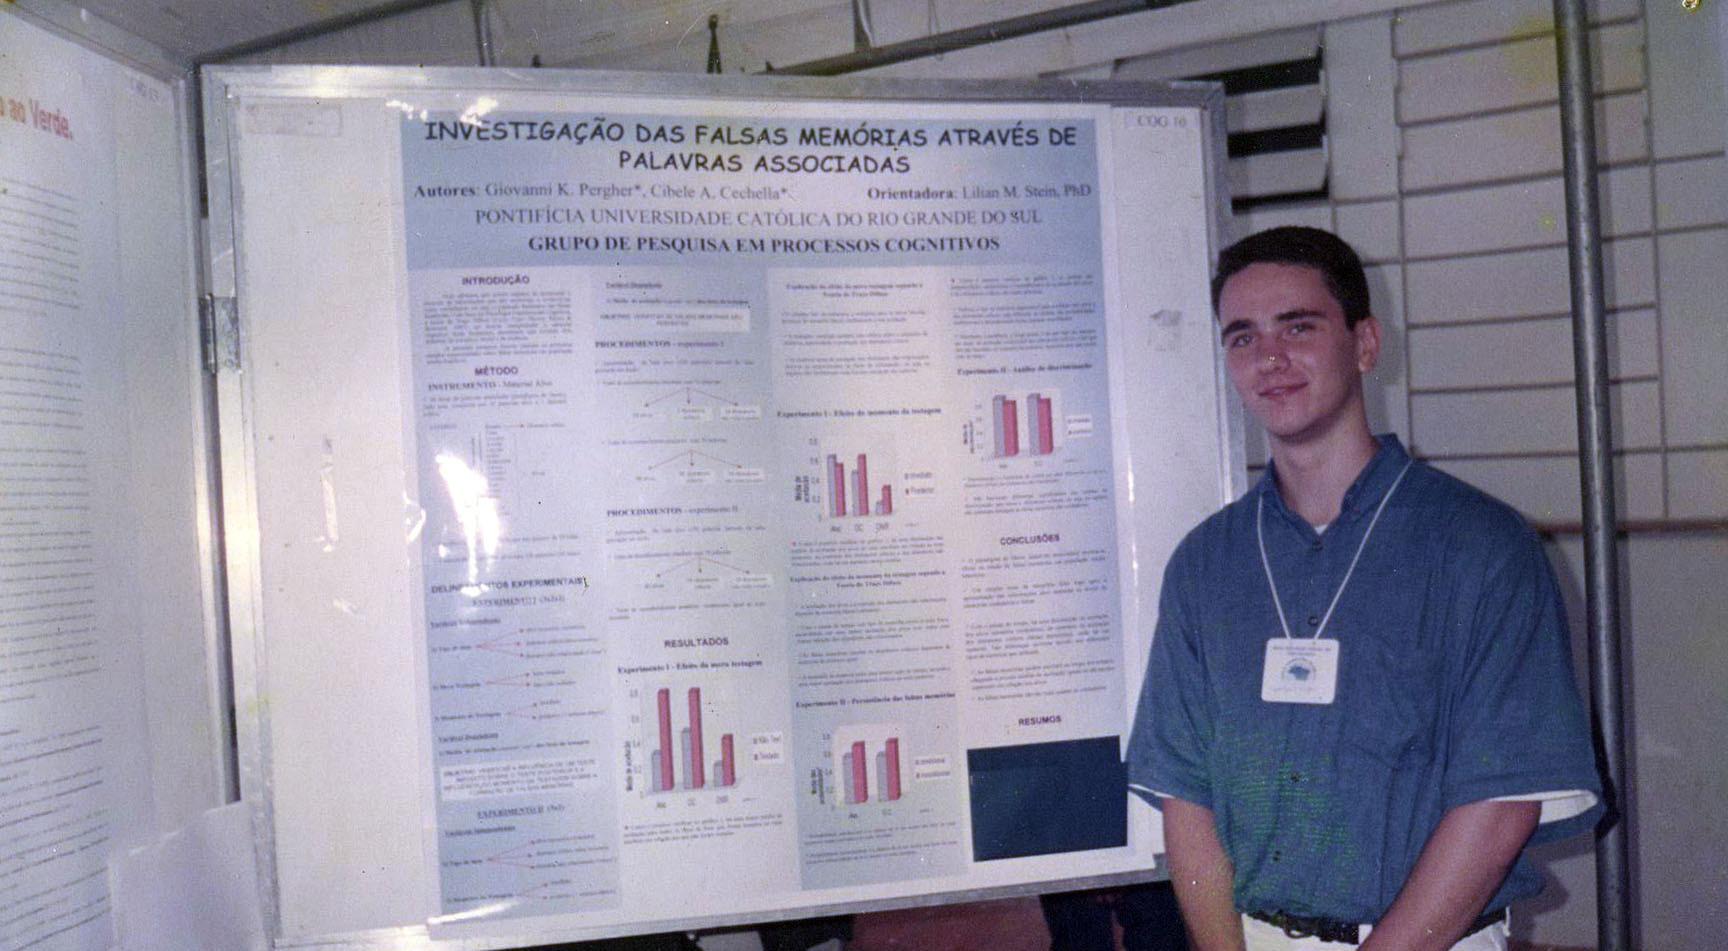 Investigação das falsas memórias através de palavras associadas (XXIX Reunião_Anual de Psicologia- Campinas, 1999)